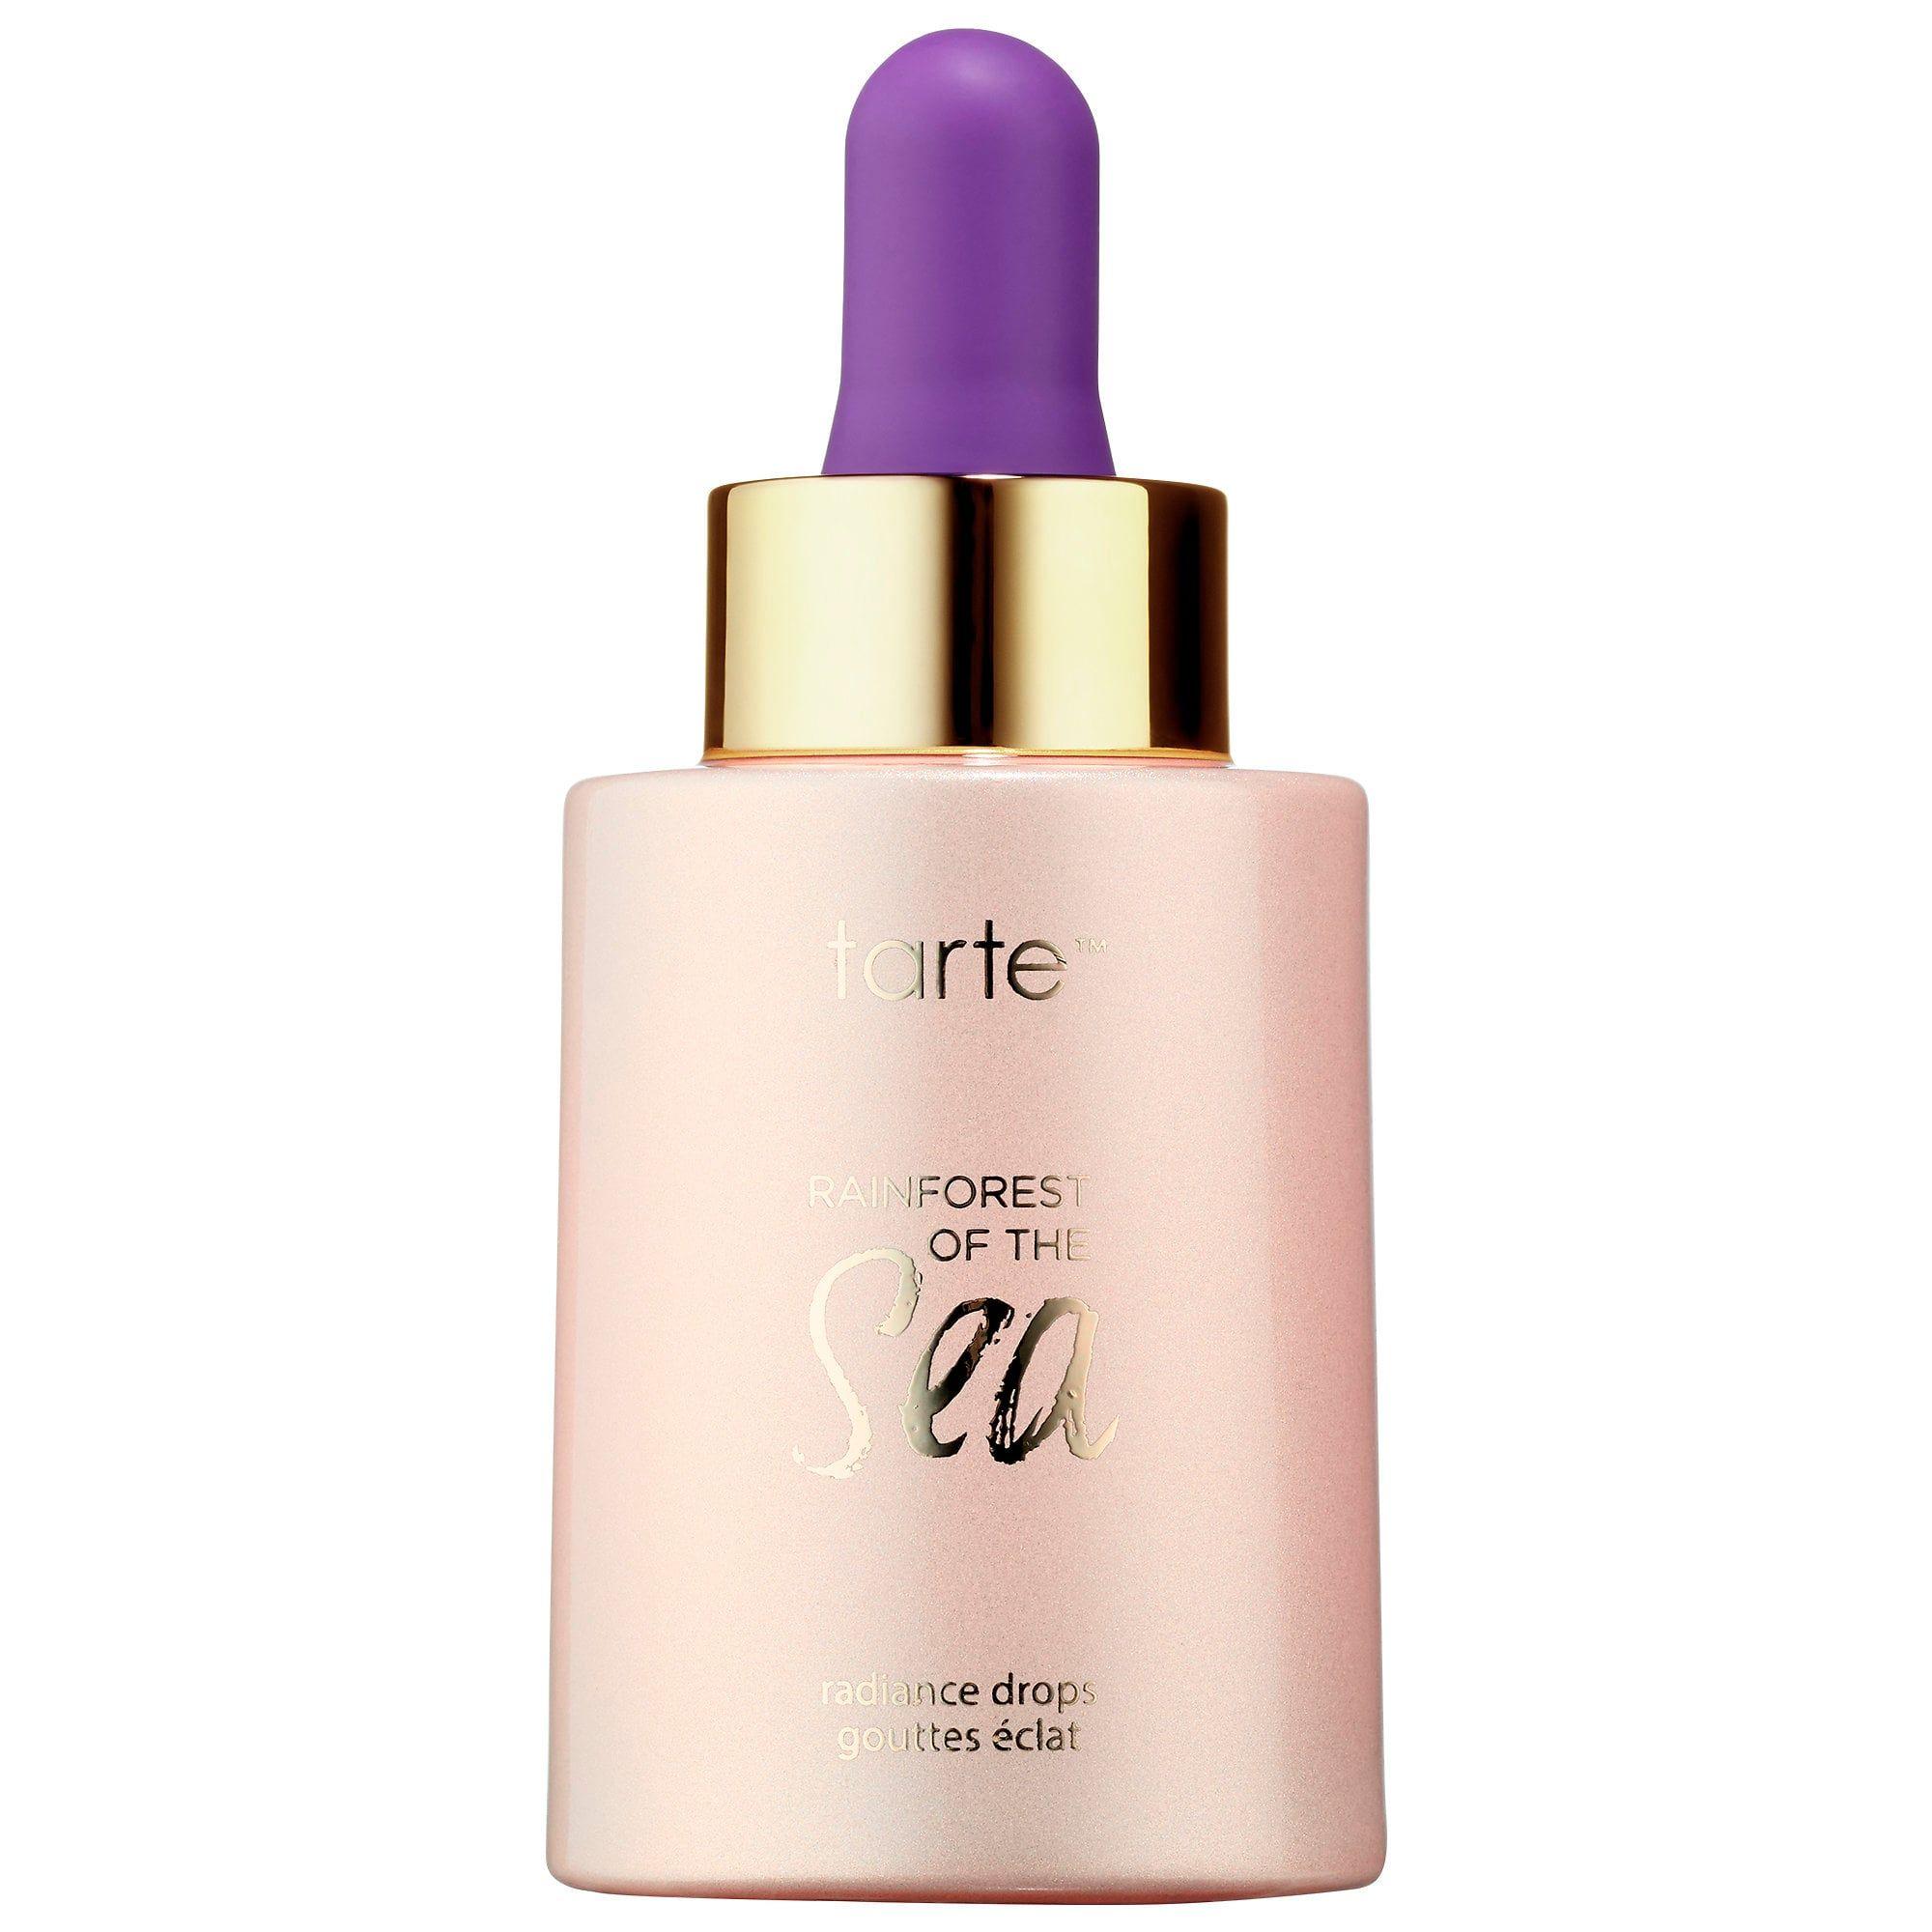 SEA Radiance Drops Makeup drop, Unicorn makeup brushes